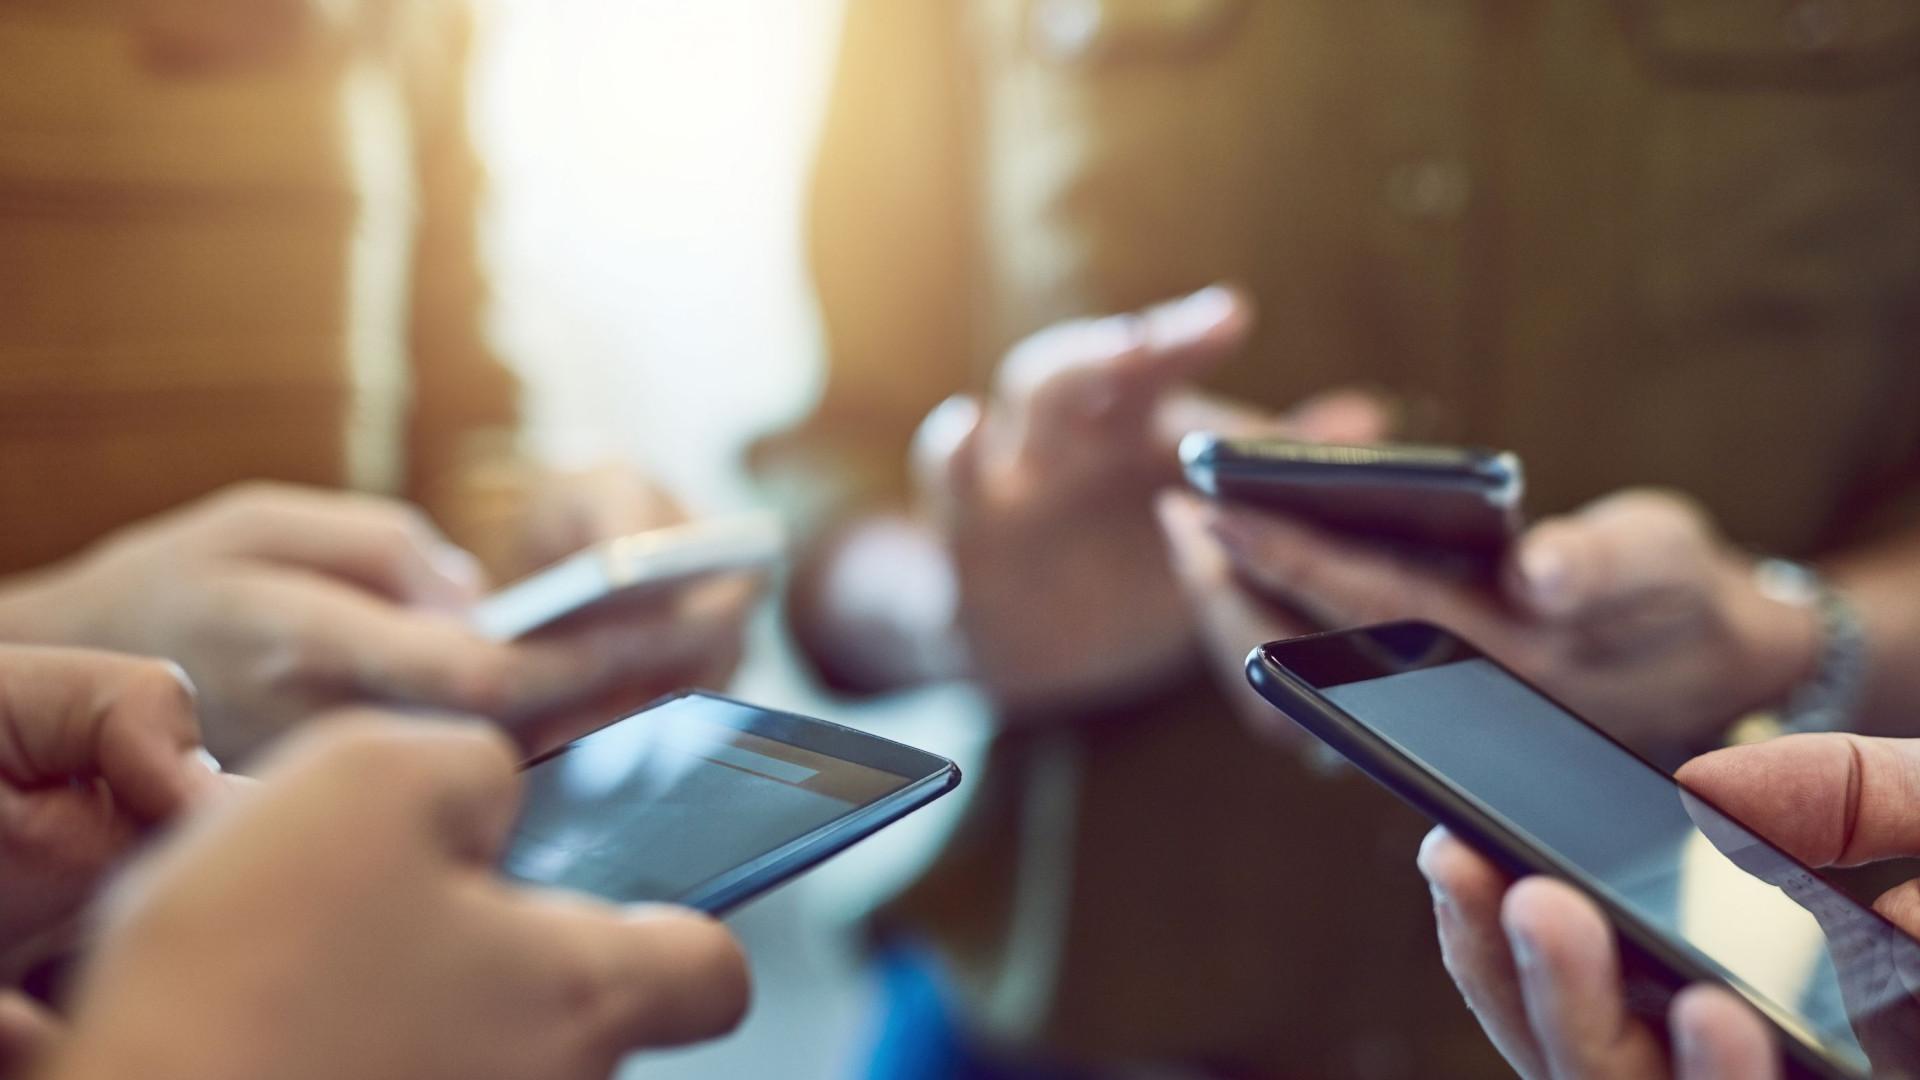 Relatório revela quais os smartphones que mais emitem radiações